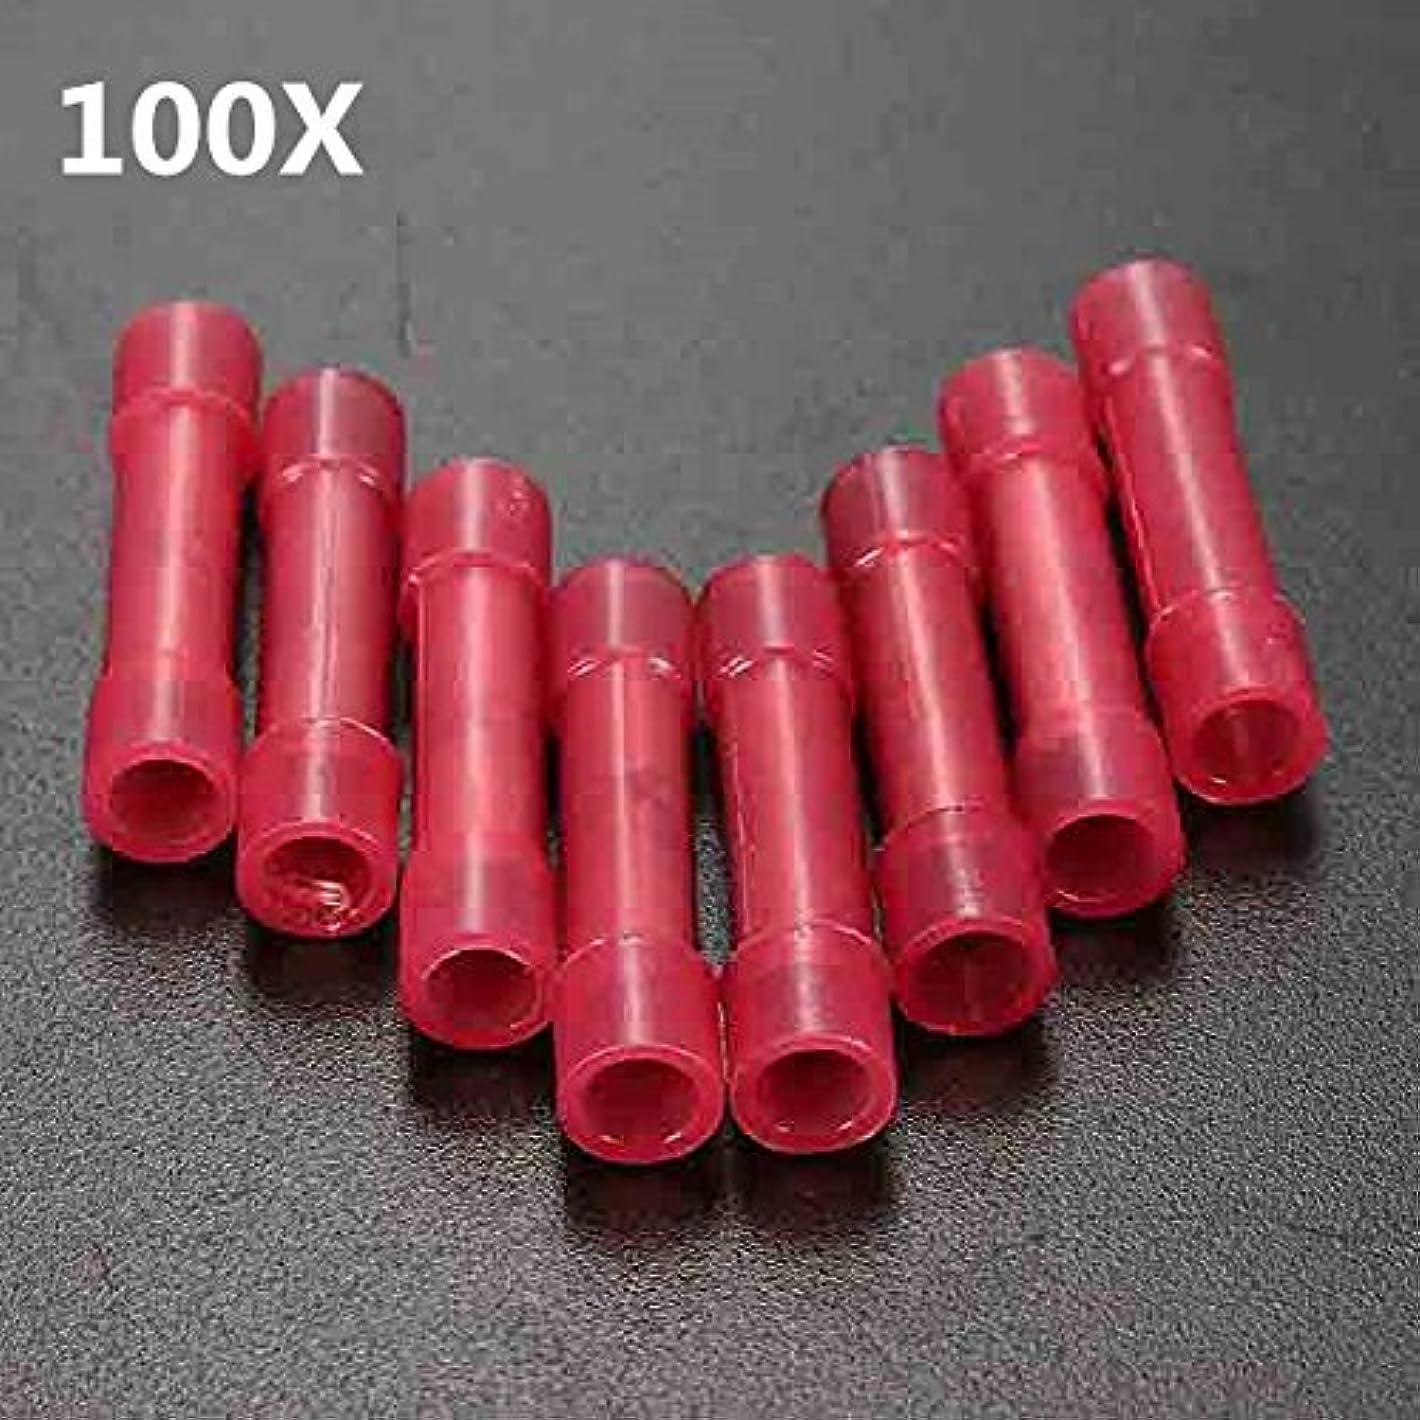 派手粘性のインゲンQueenwind 100pcs 赤電線圧着バットコネクタ絶縁端子 0.4-1mm 2 22-18AWG